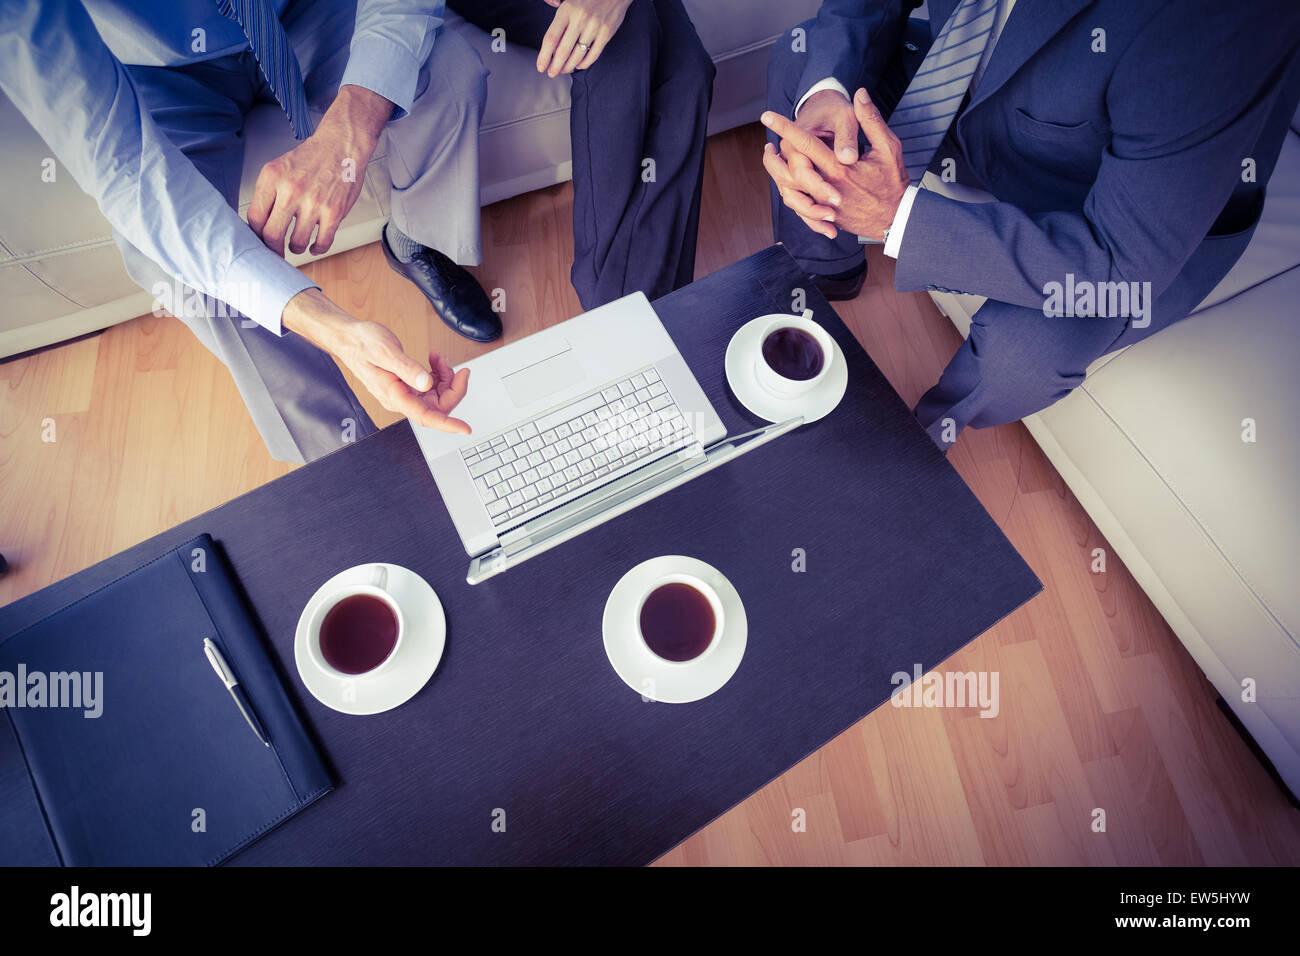 Les gens d'affaires ayant une réunion Photo Stock